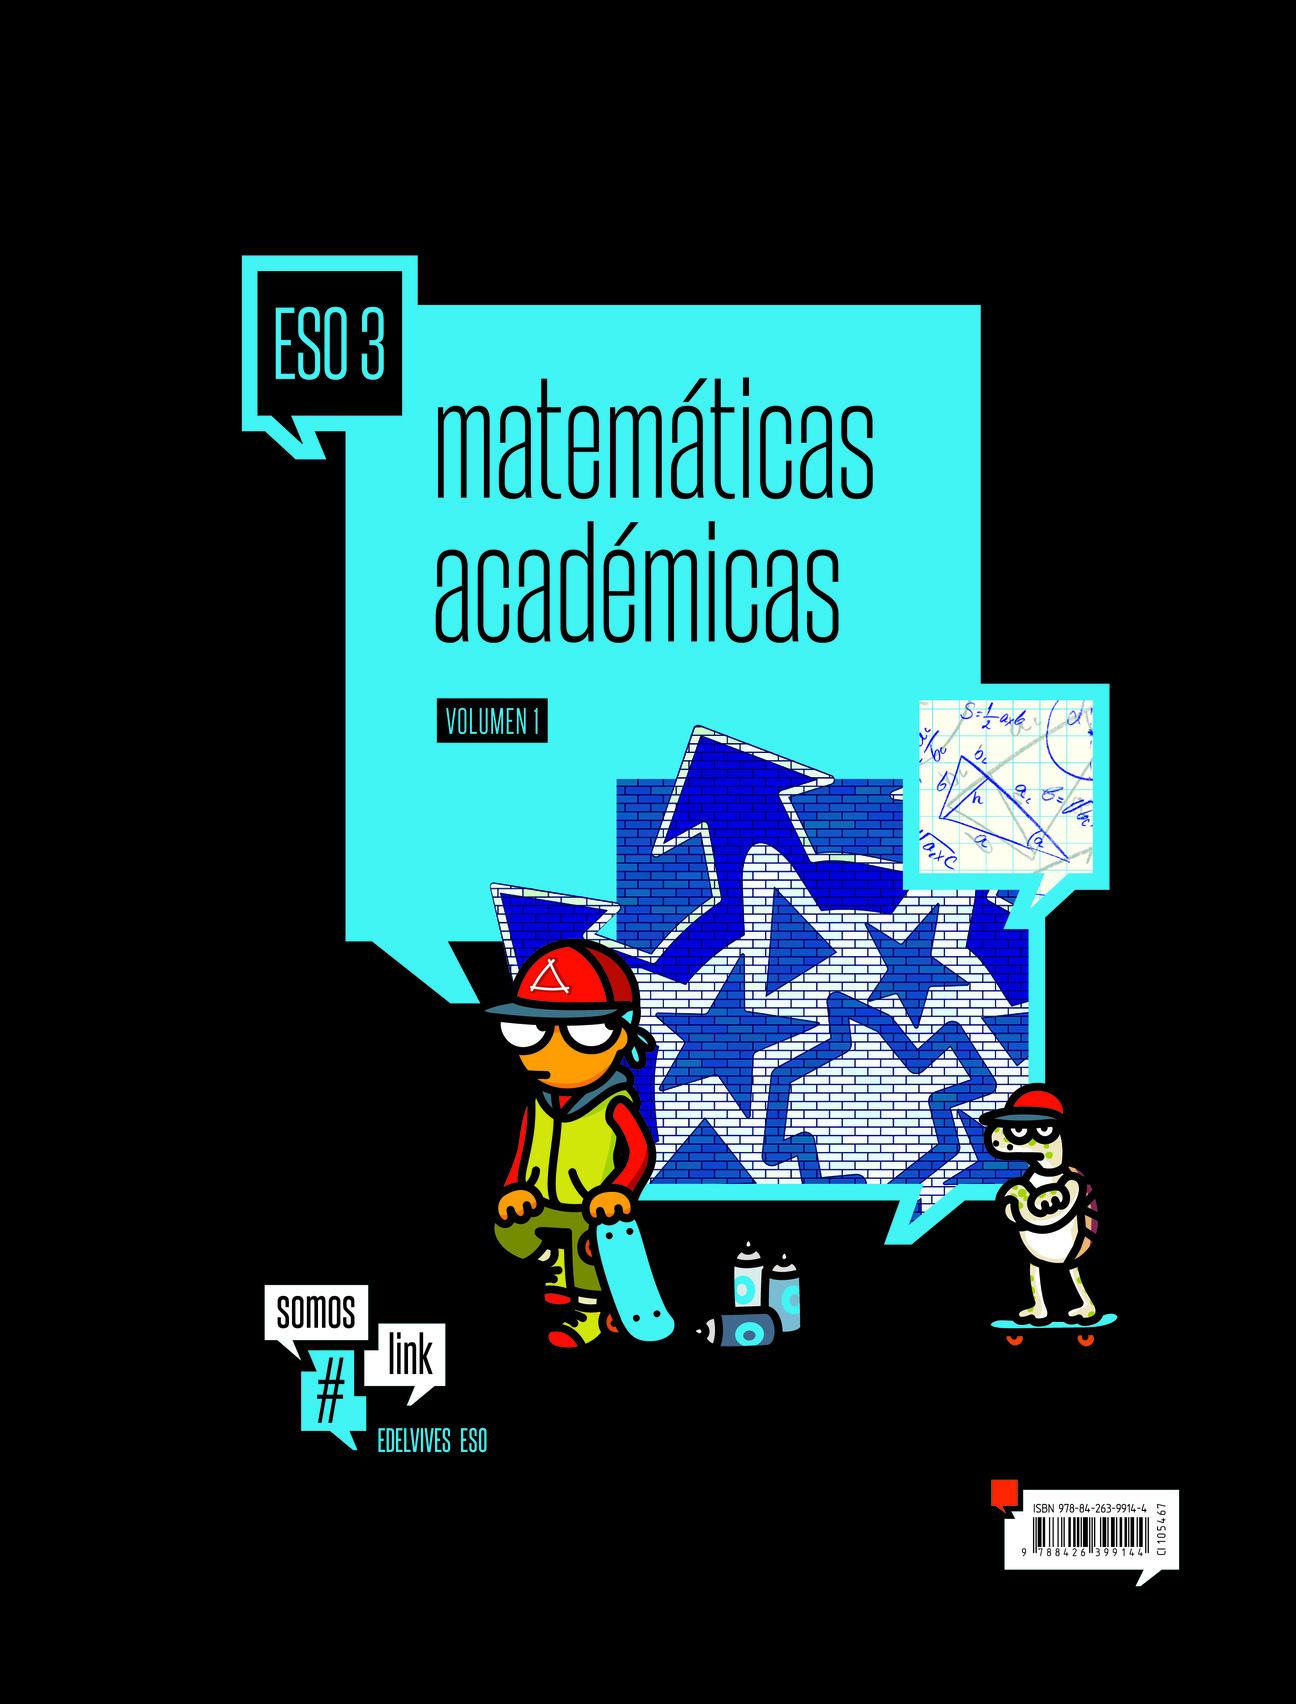 Solucionario Matematicas Academicas 3 ESO Edelvives